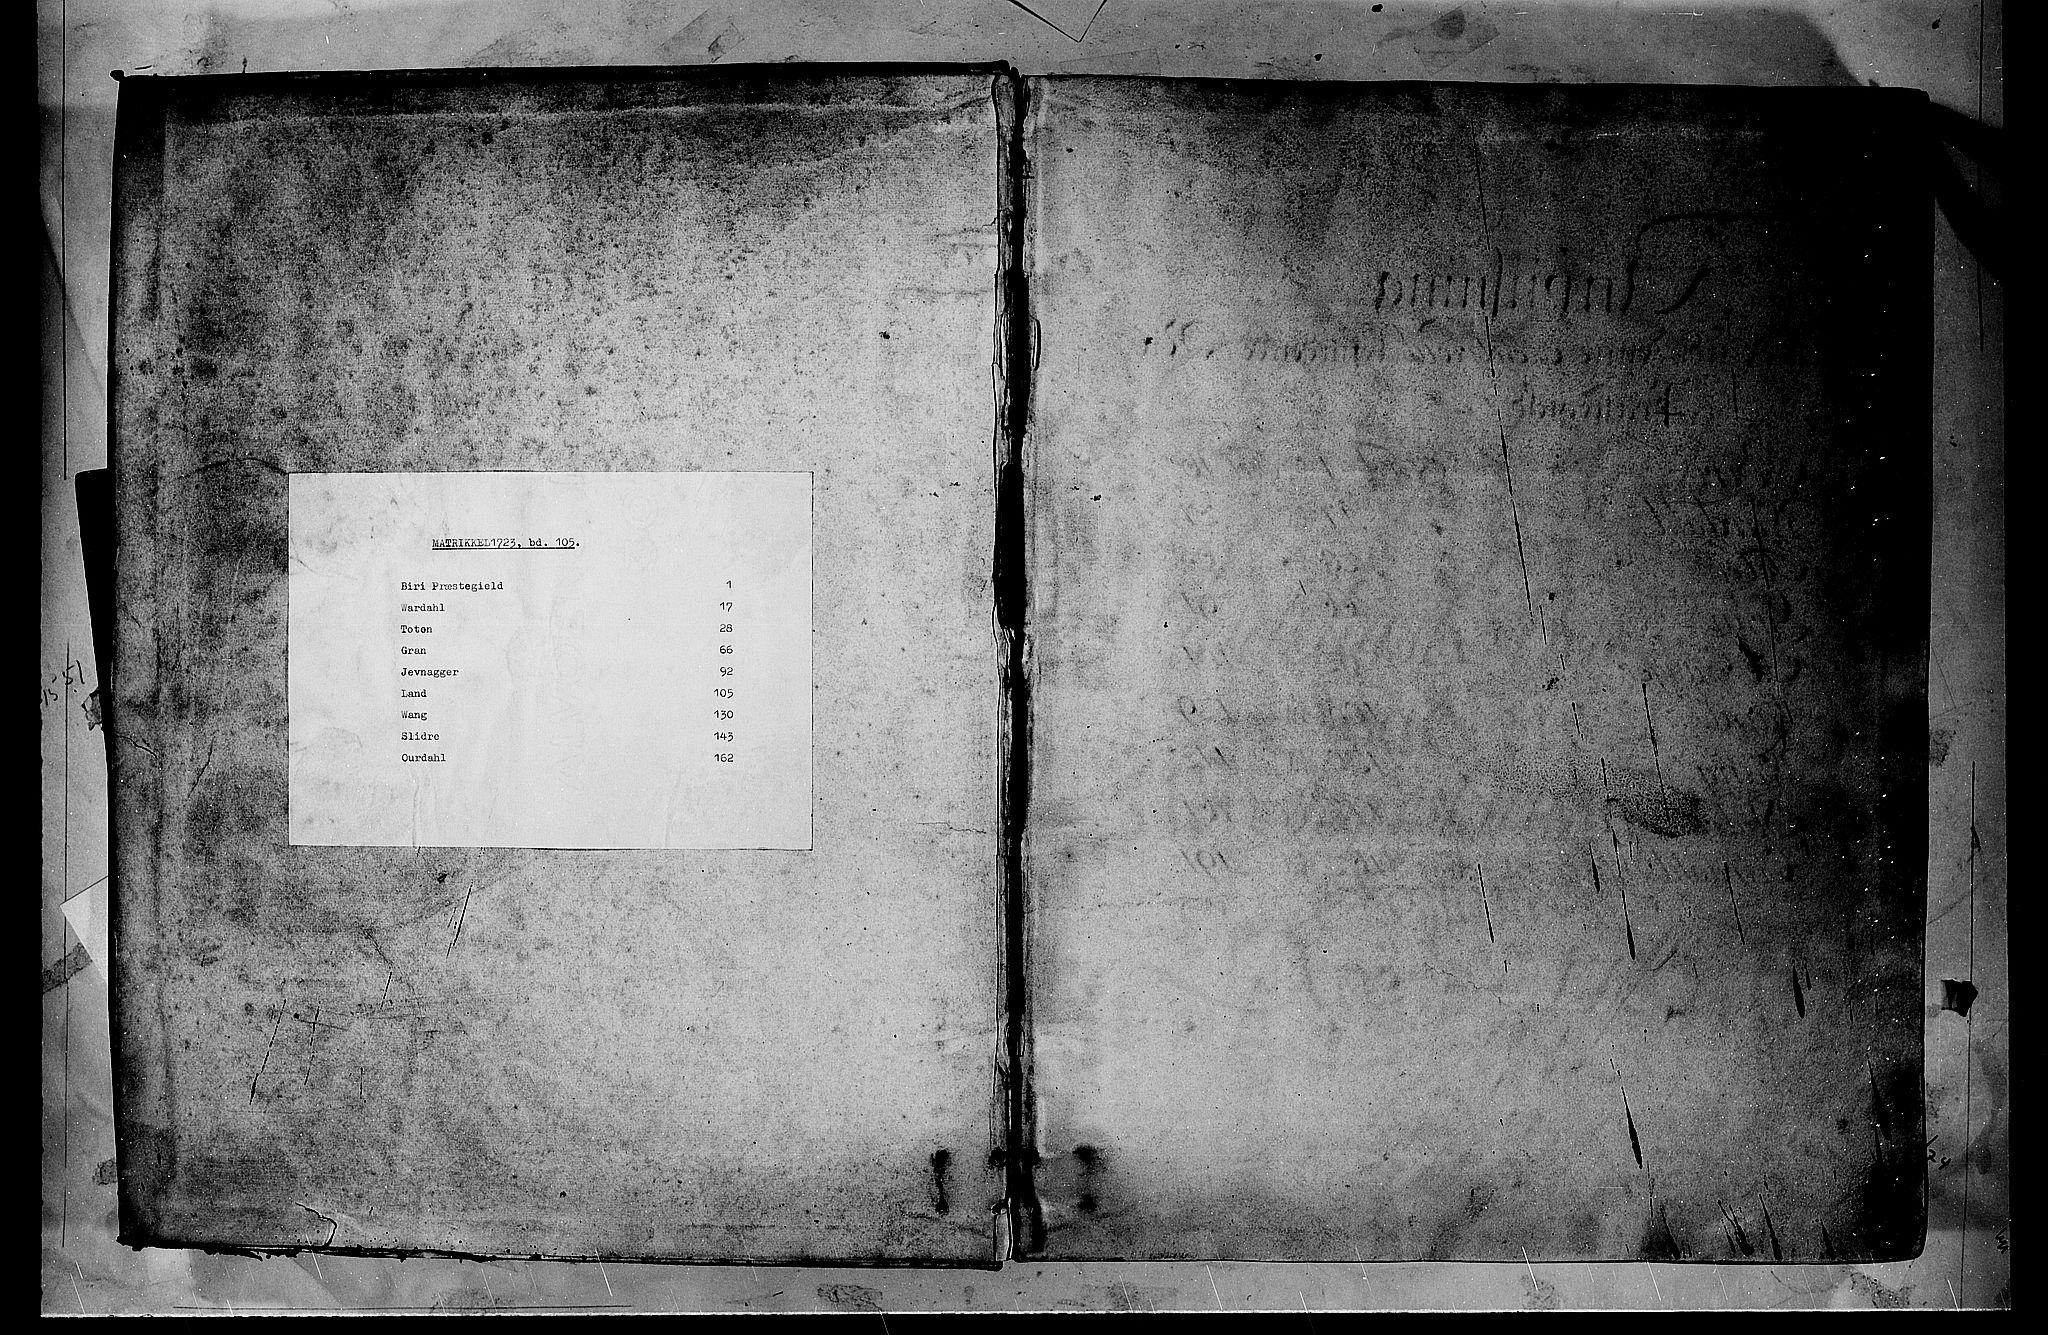 RA, Rentekammeret inntil 1814, Realistisk ordnet avdeling, N/Nb/Nbf/L0105: Hadeland, Toten og Valdres matrikkelprotokoll, 1723, s. upaginert